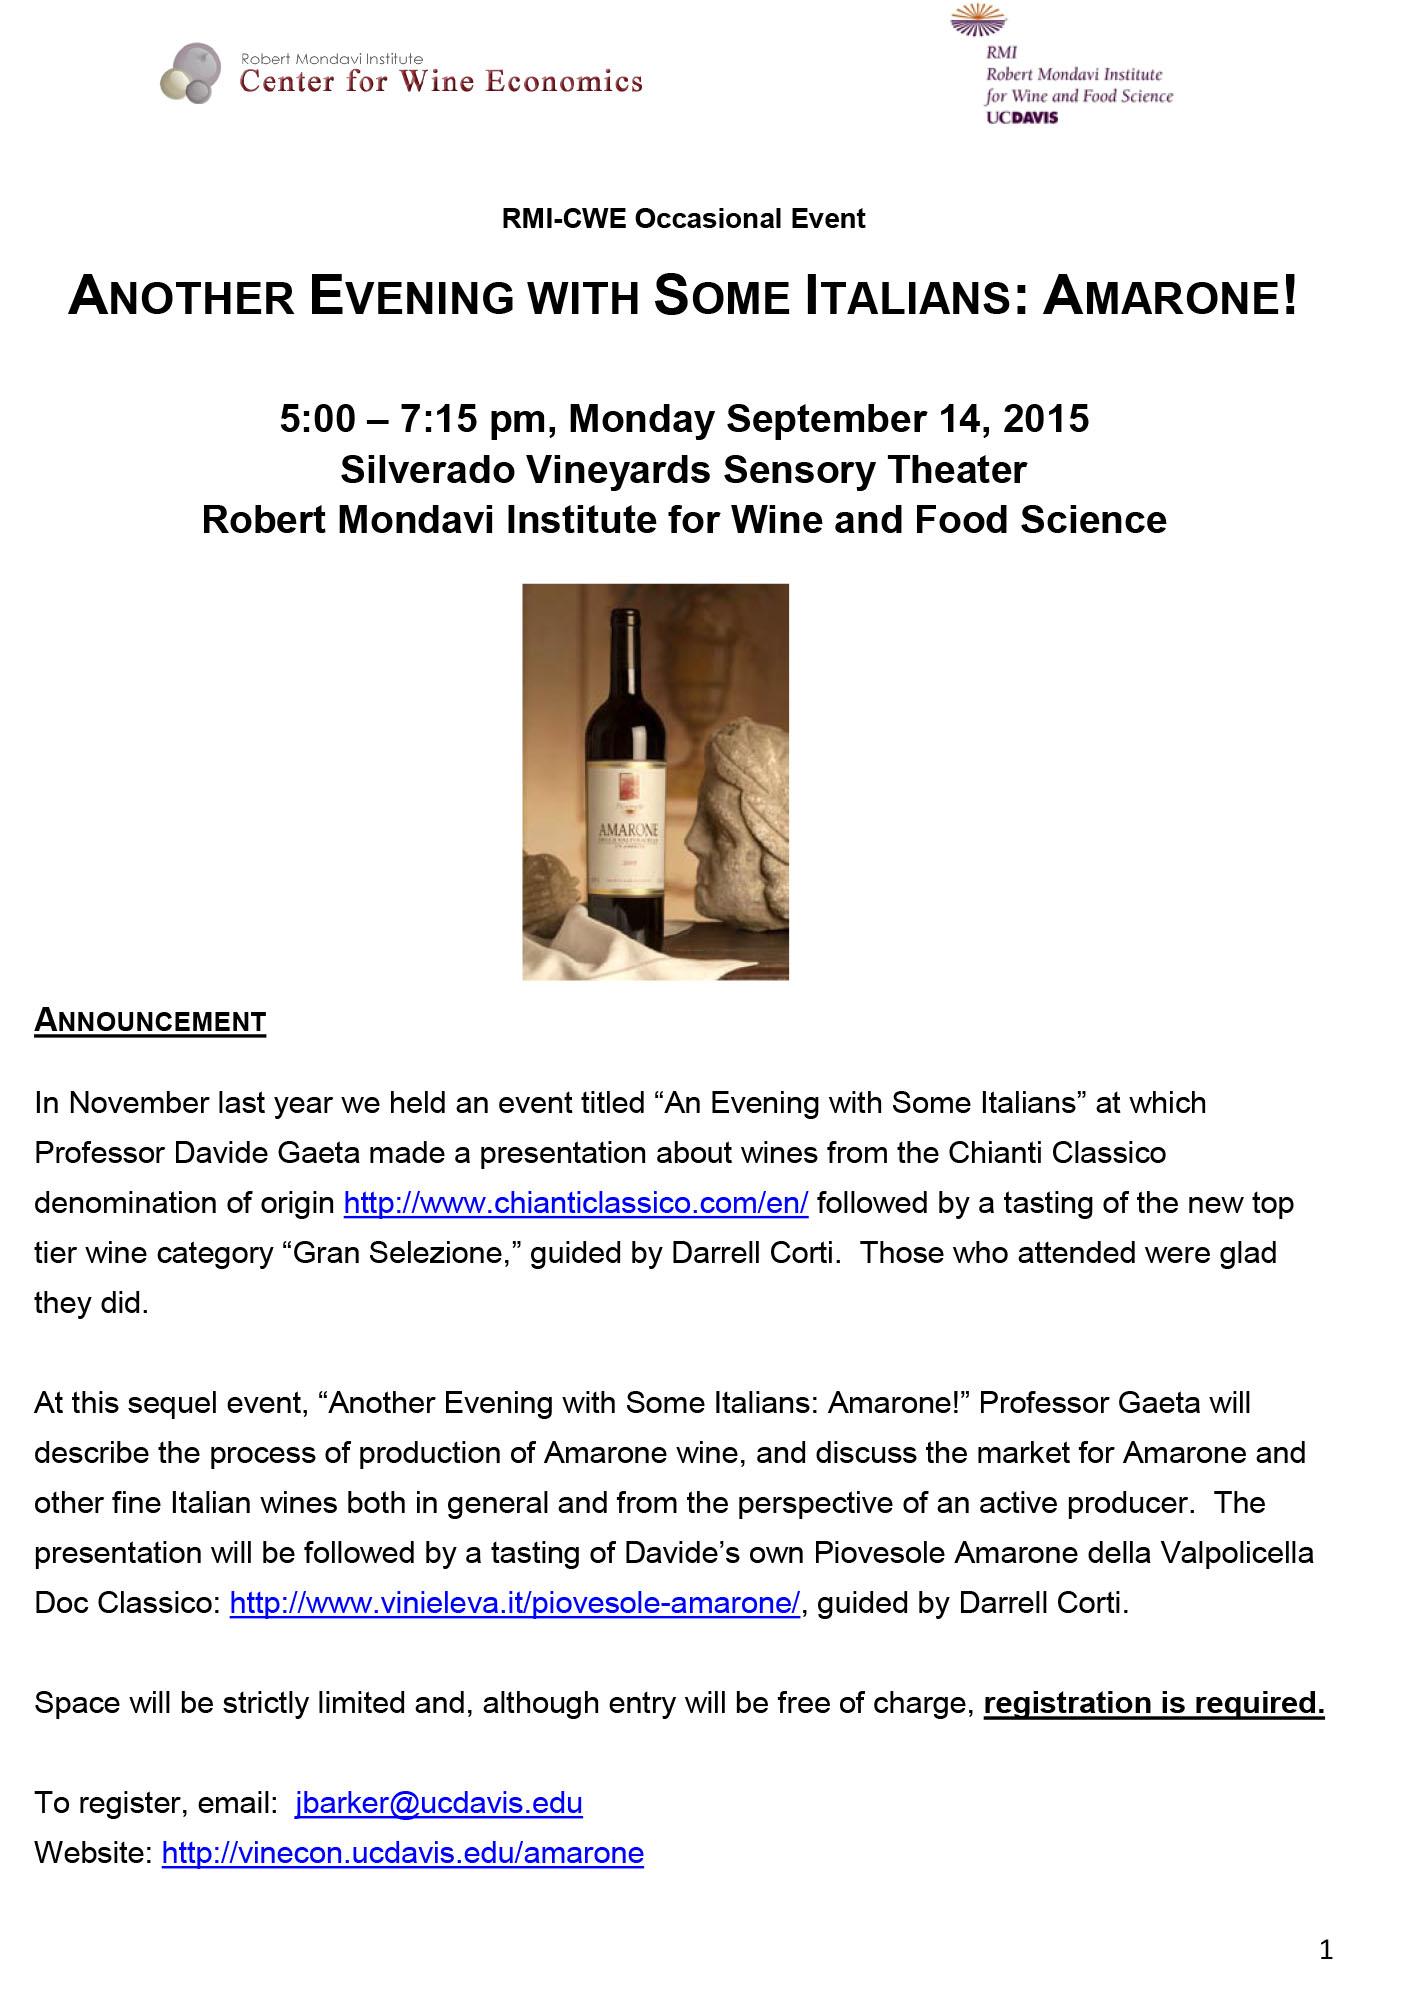 L'Amarone Piovesole sale in cattedra al Mondavi Center in California